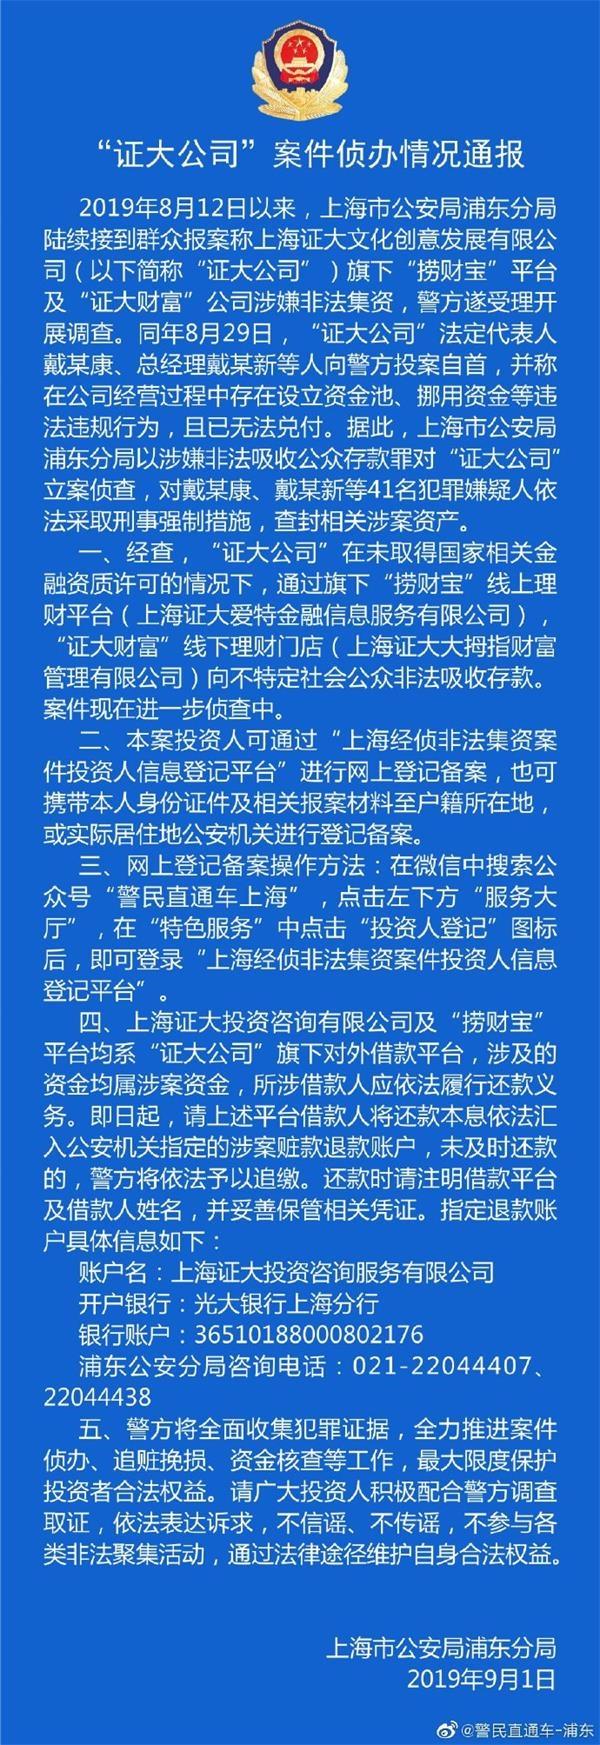 涉嫌非法吸收公众存款罪!证大公司董事长戴志康投案自首